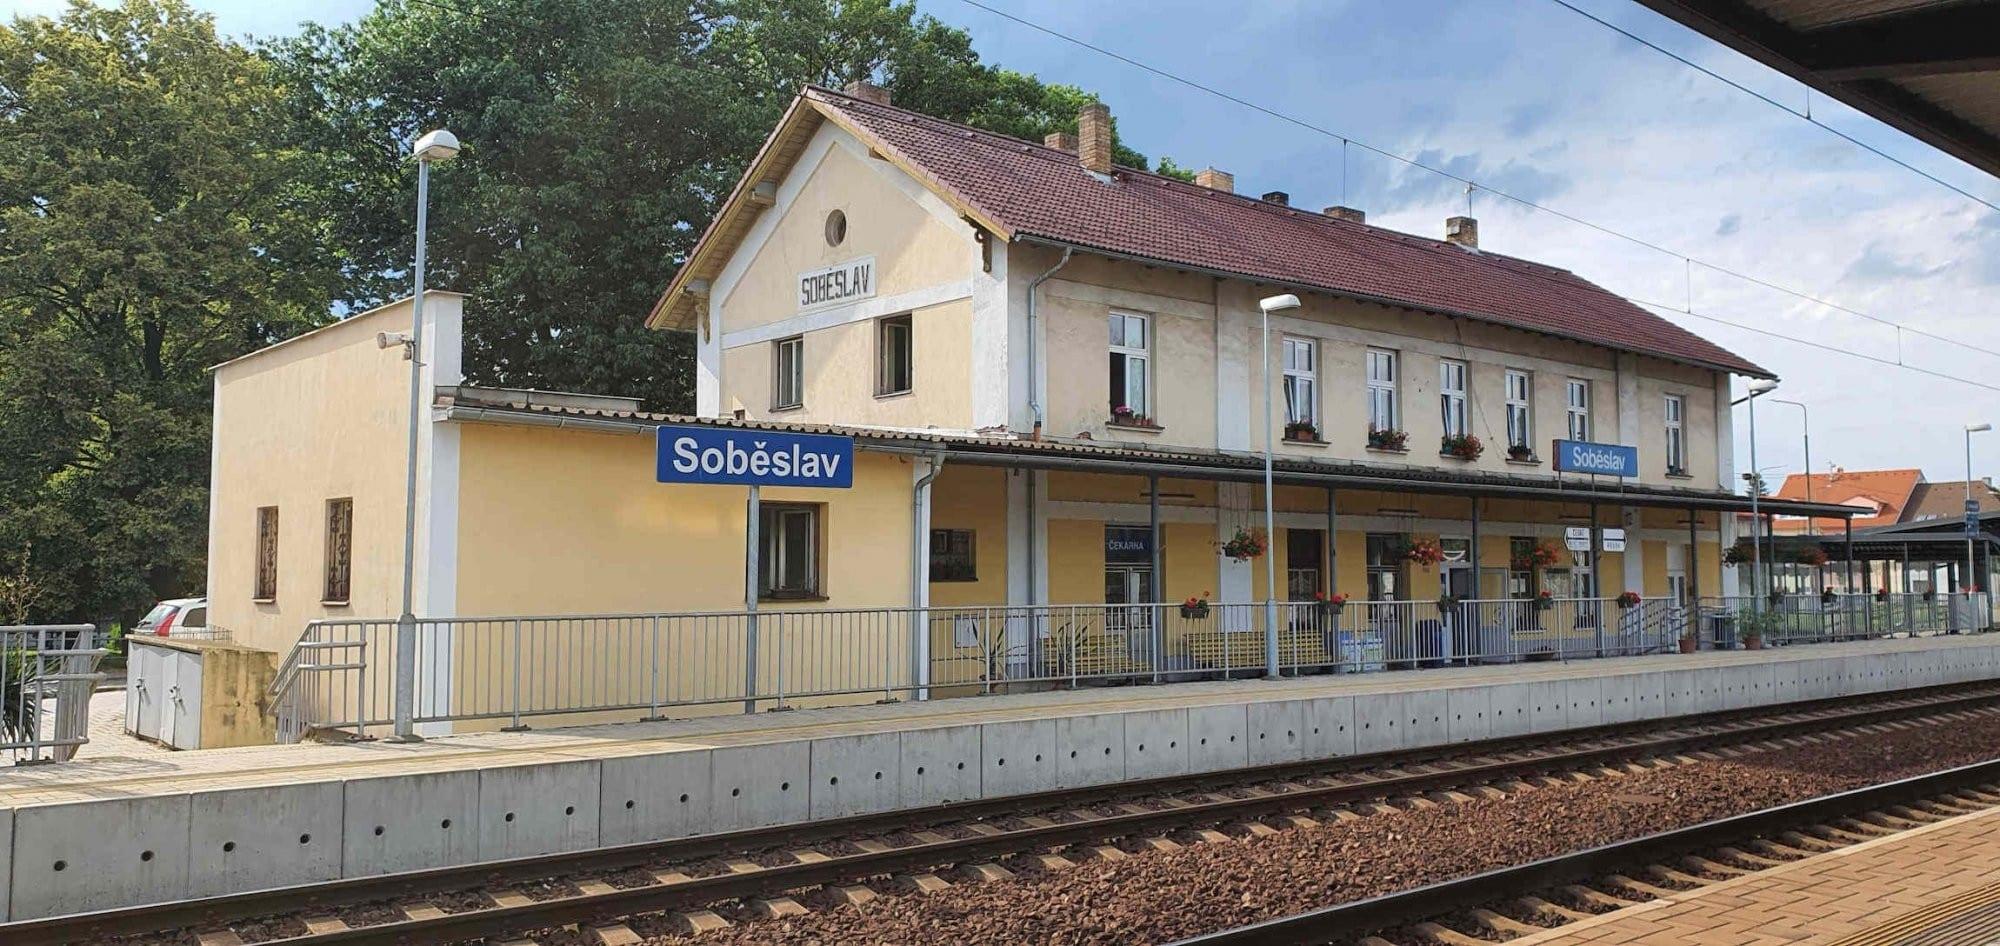 Nádraží Soběslav